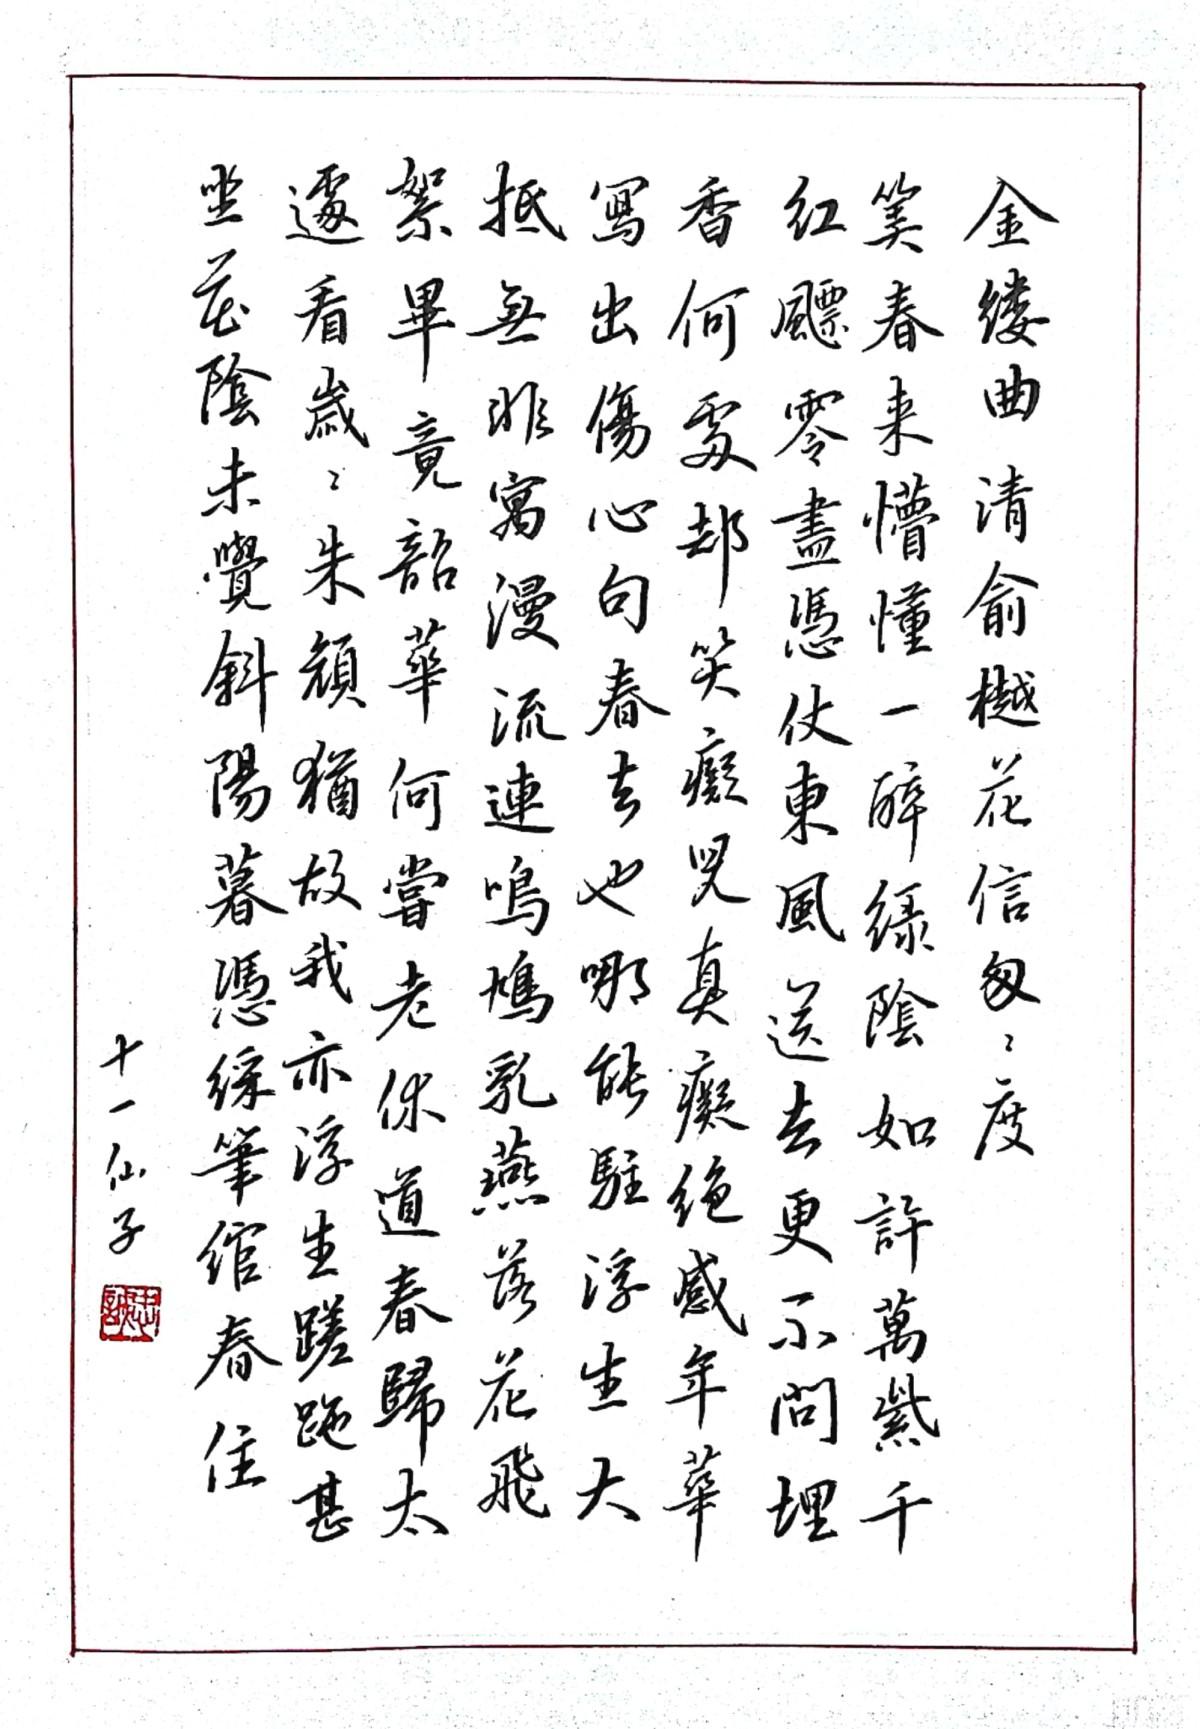 钢笔书法练字打卡20210810-05